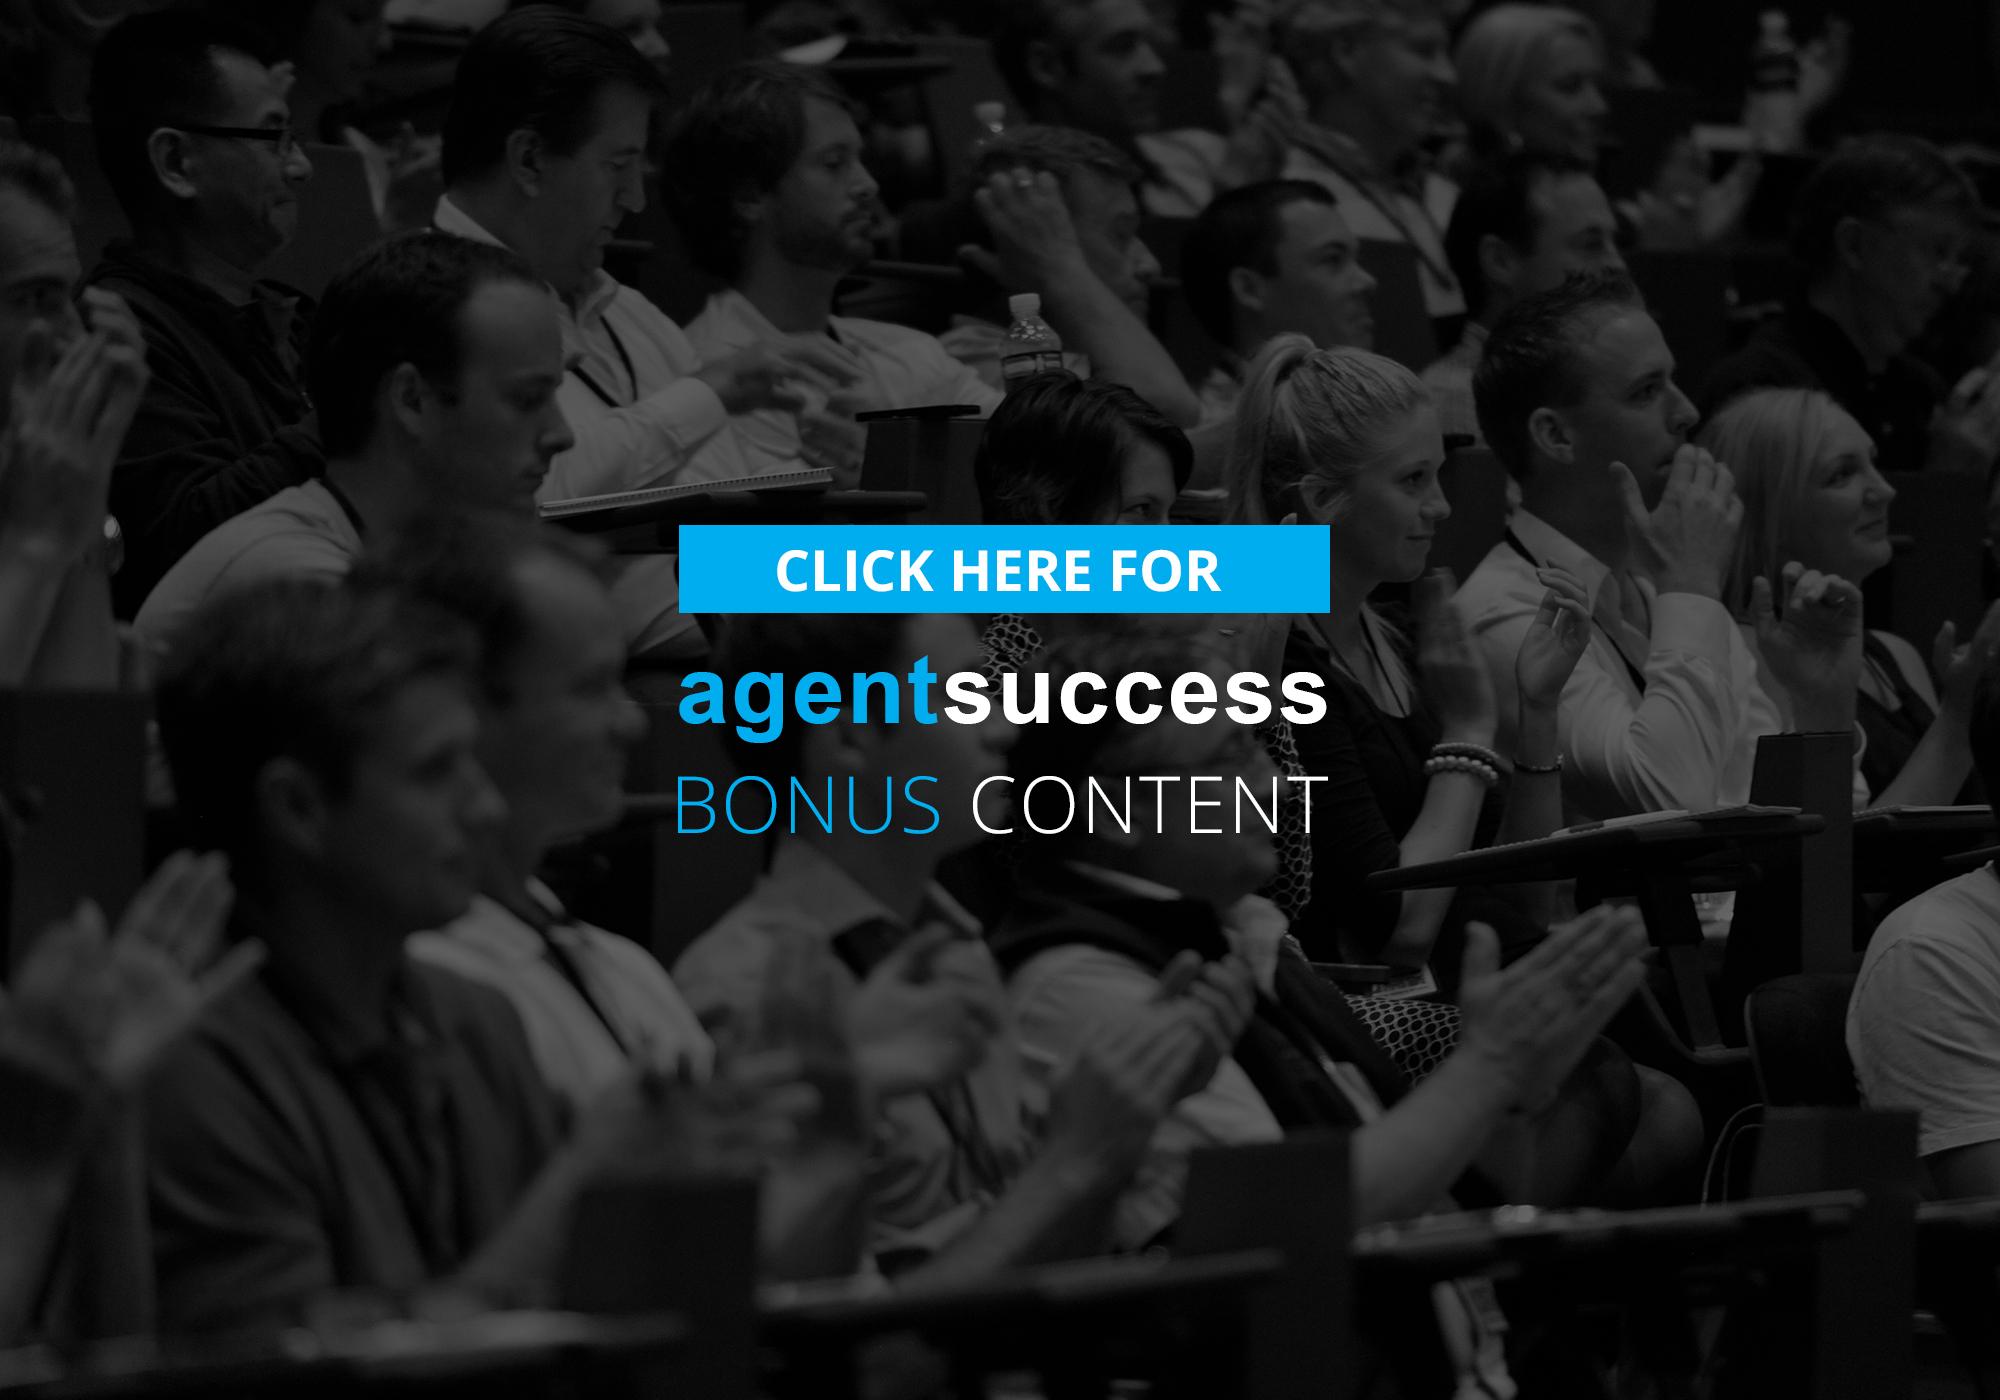 Website_AgentSuccess_Click